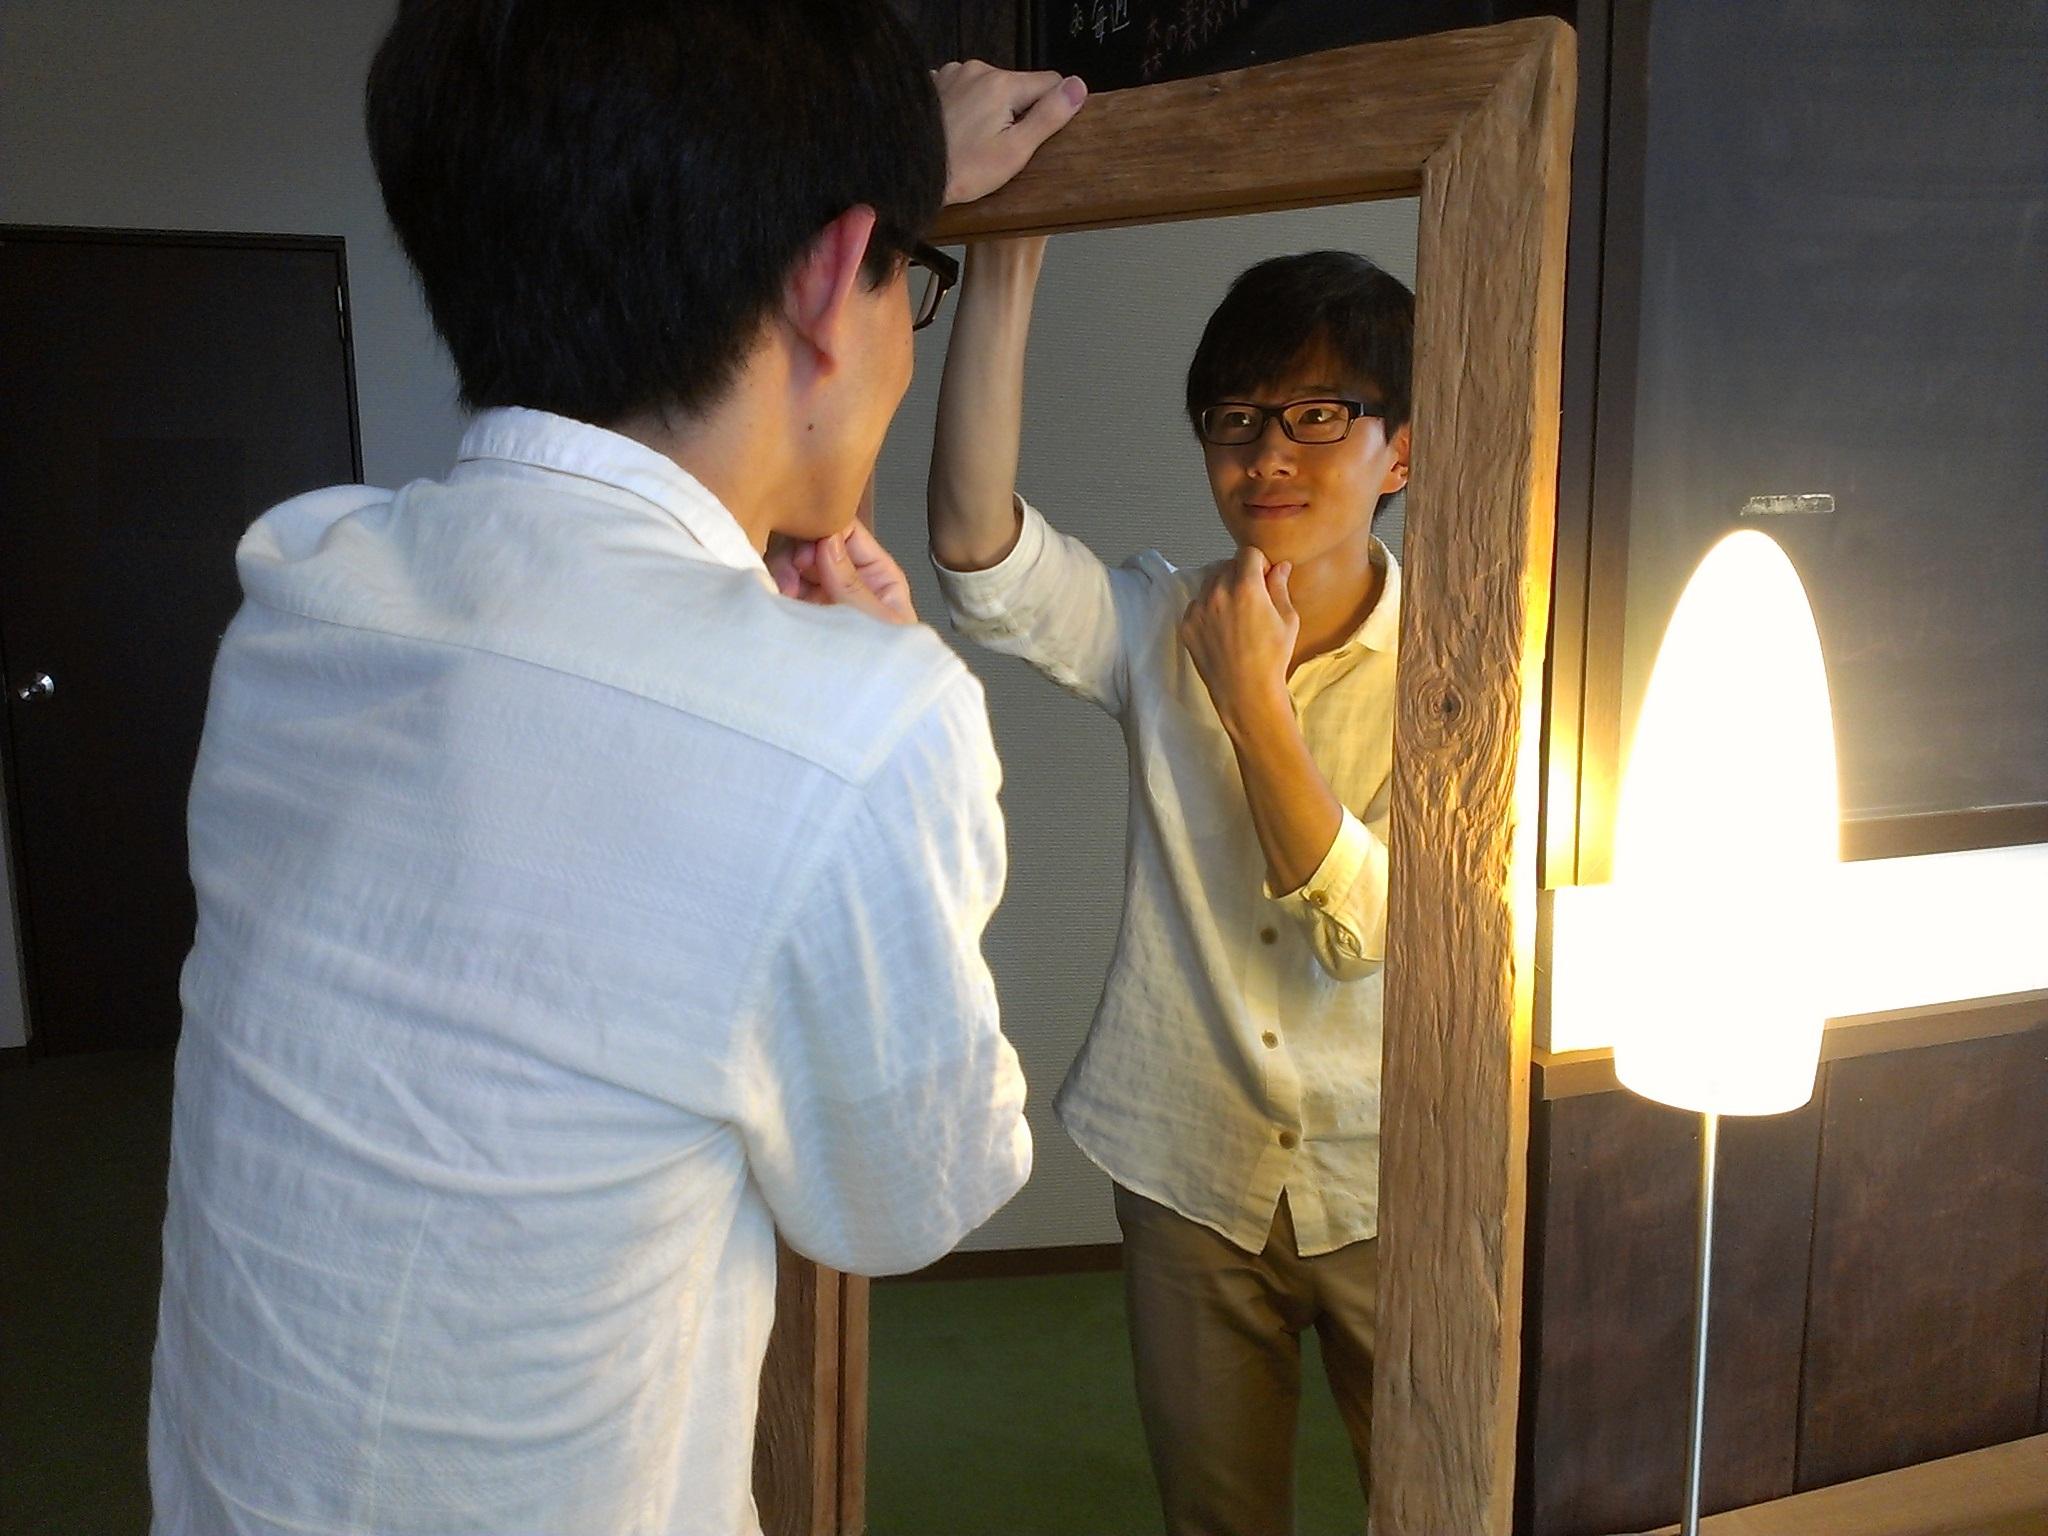 【箸休め編】関心高まる男の「美」ユニセックスな男性が増えている?!